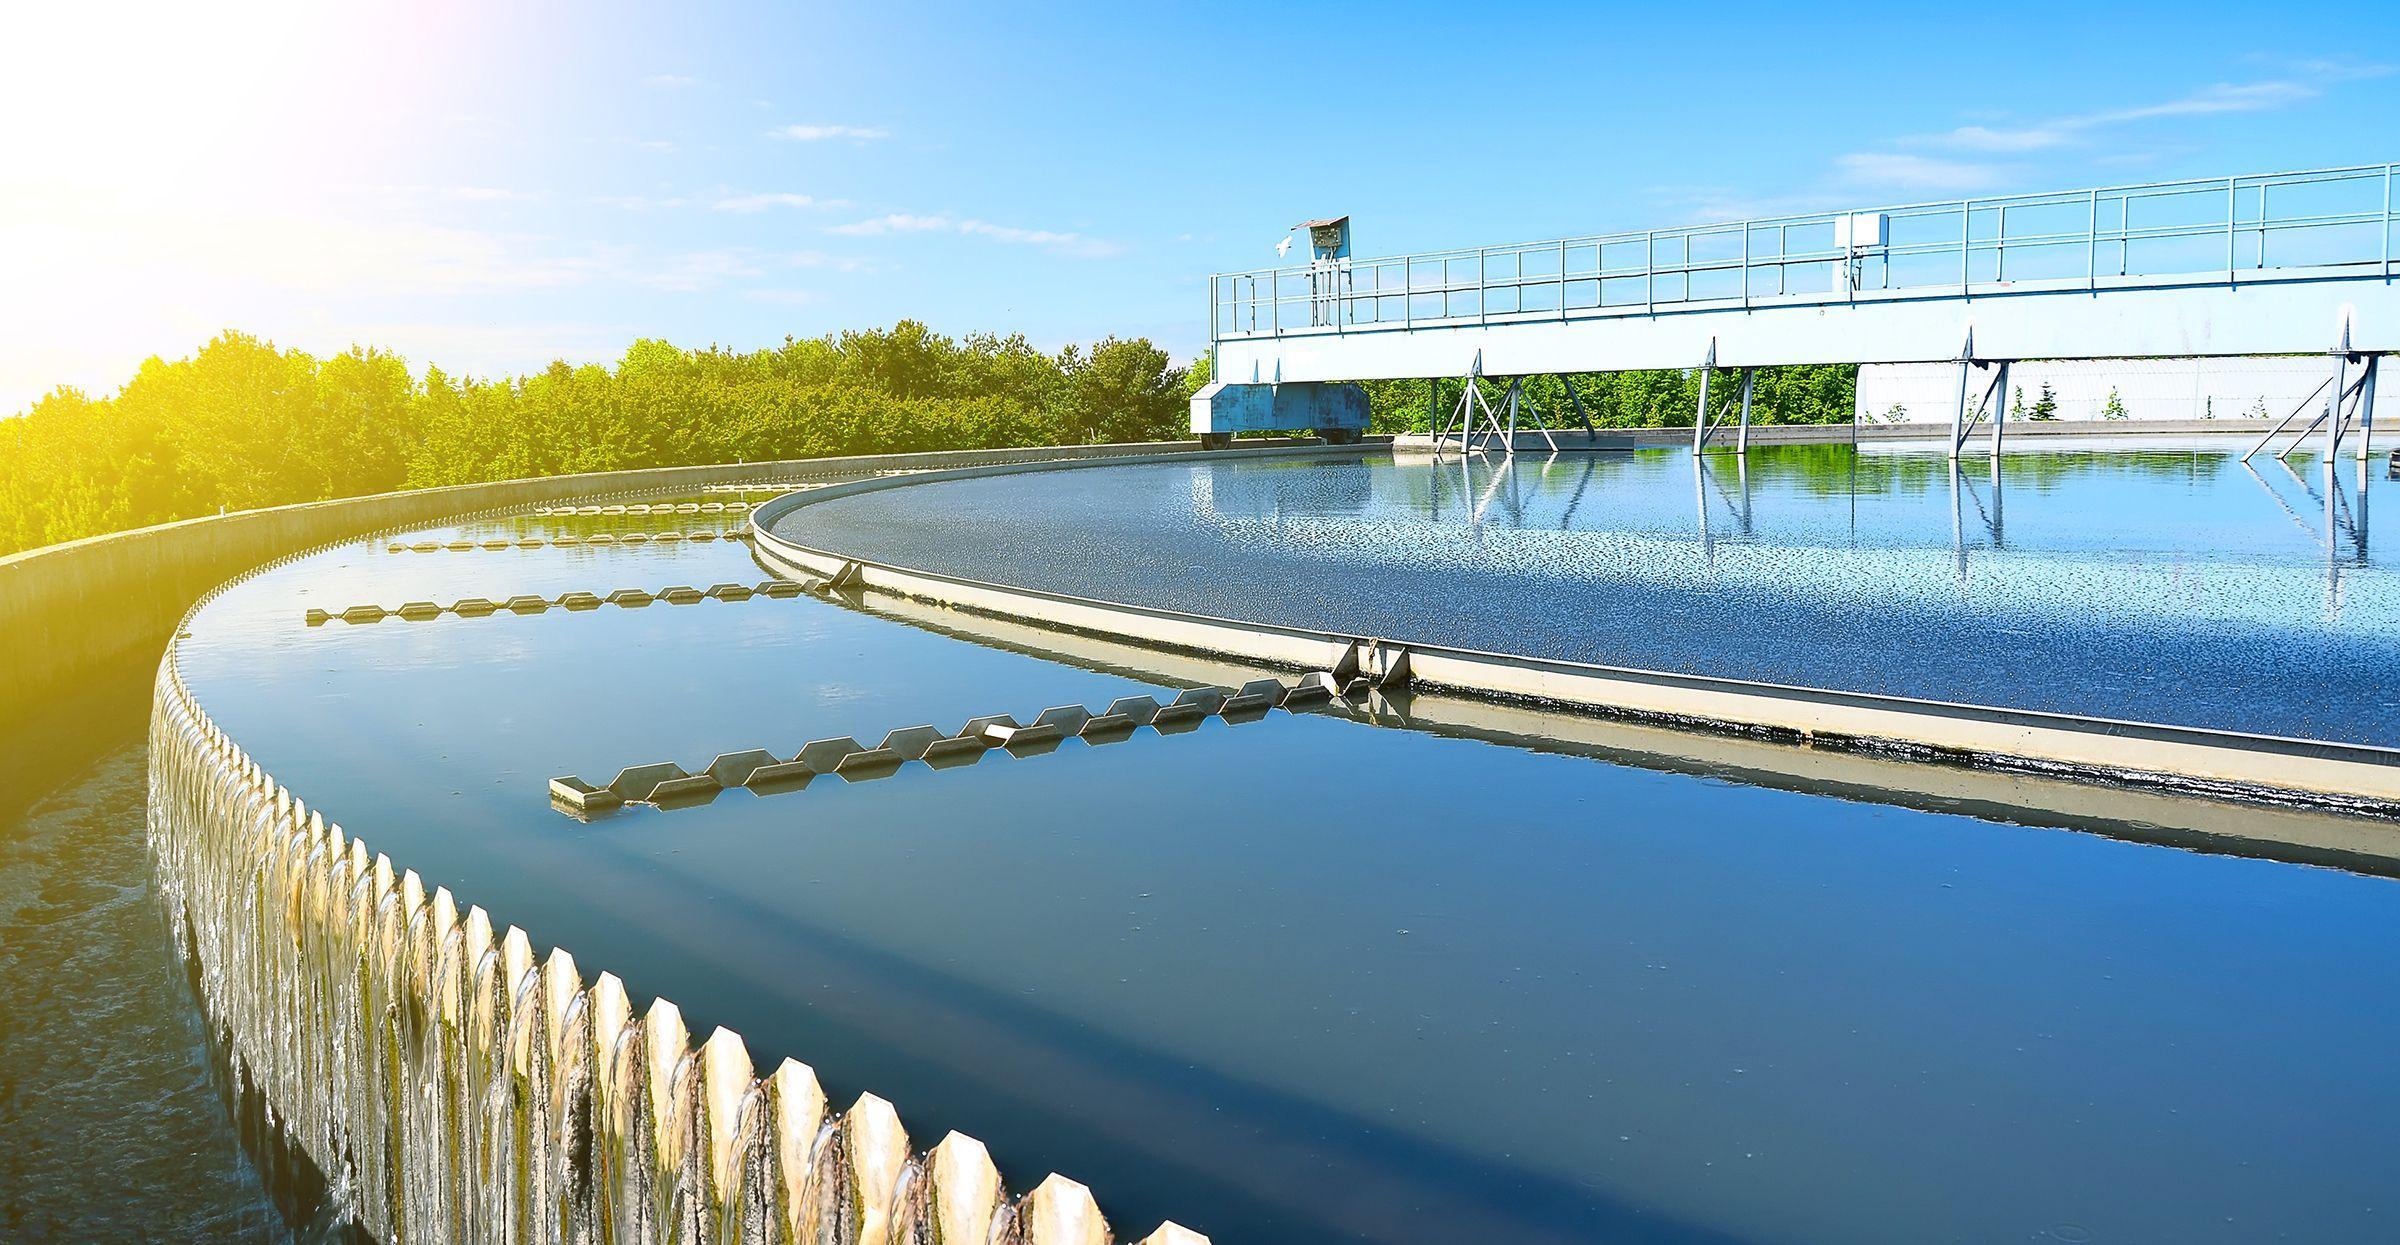 Бактерии готовы превратить стоки в чистую воду и электричество